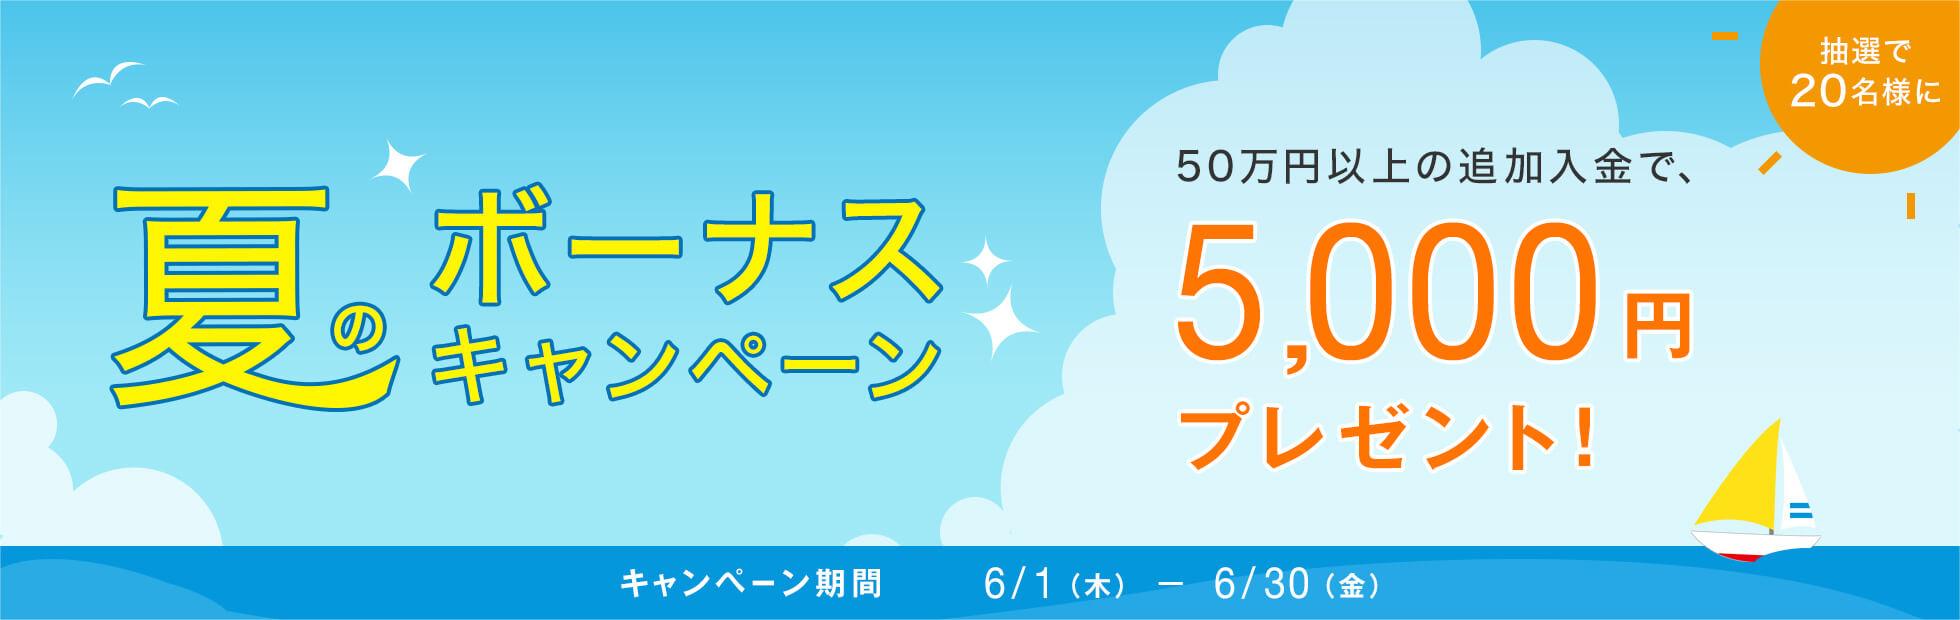 夏のボーナスキャンペーンキャンペーン:キャンペーン期間中に追加で入金を行ったお客様の中から、抽選で20名様に5,000円プレゼント!2017年6月1日(木)から2017年6月30日(金)まで